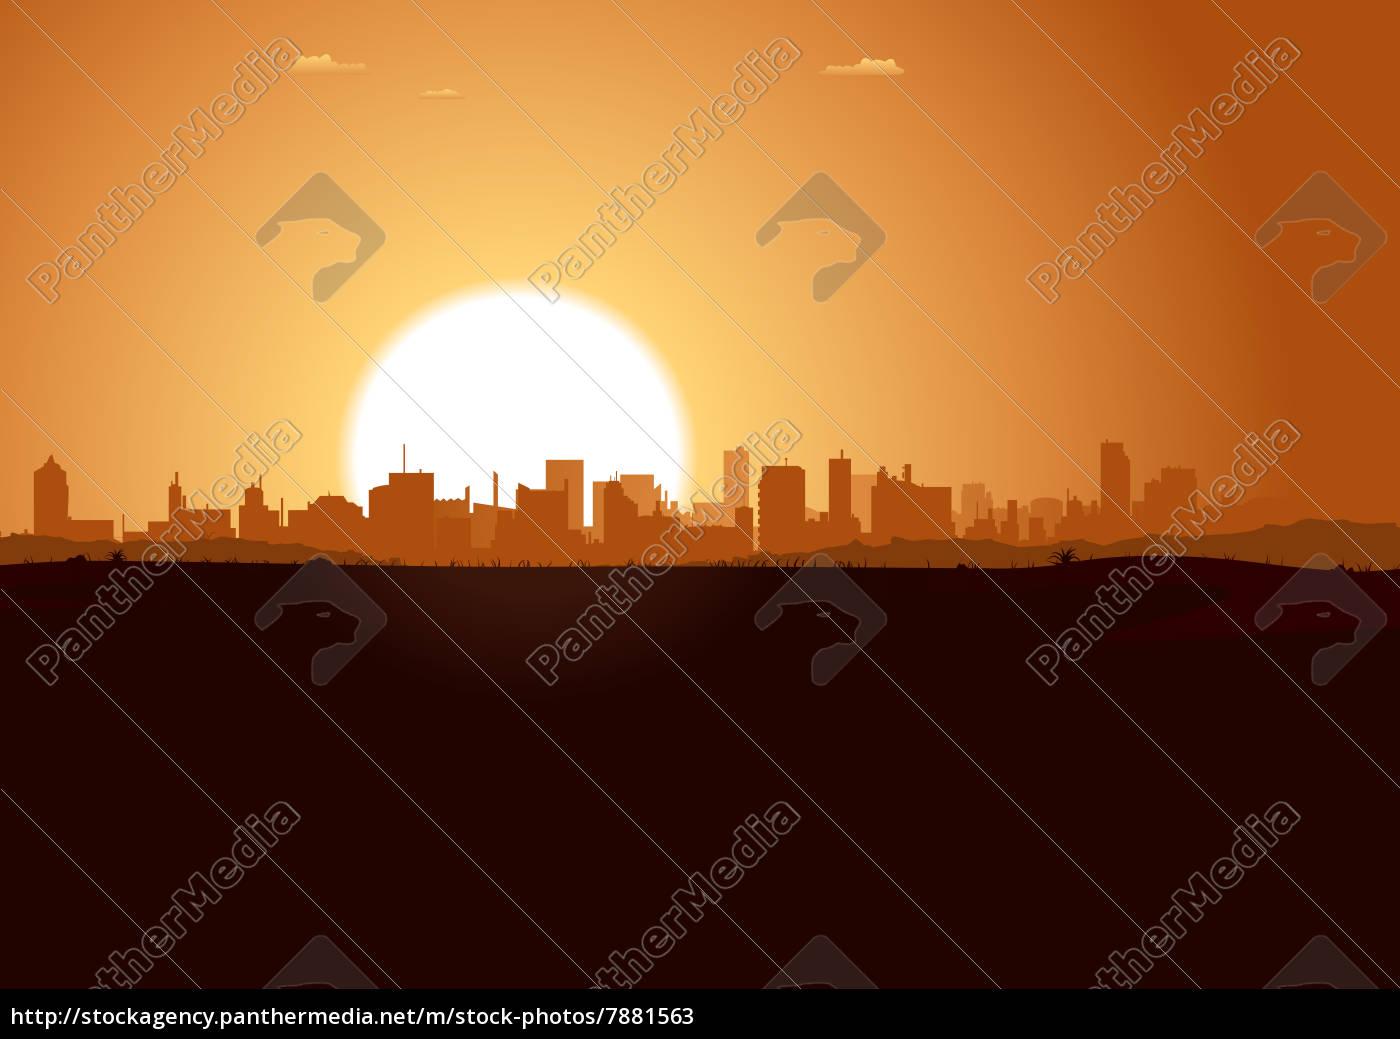 sonnenaufgang, urban, landscape - 7881563